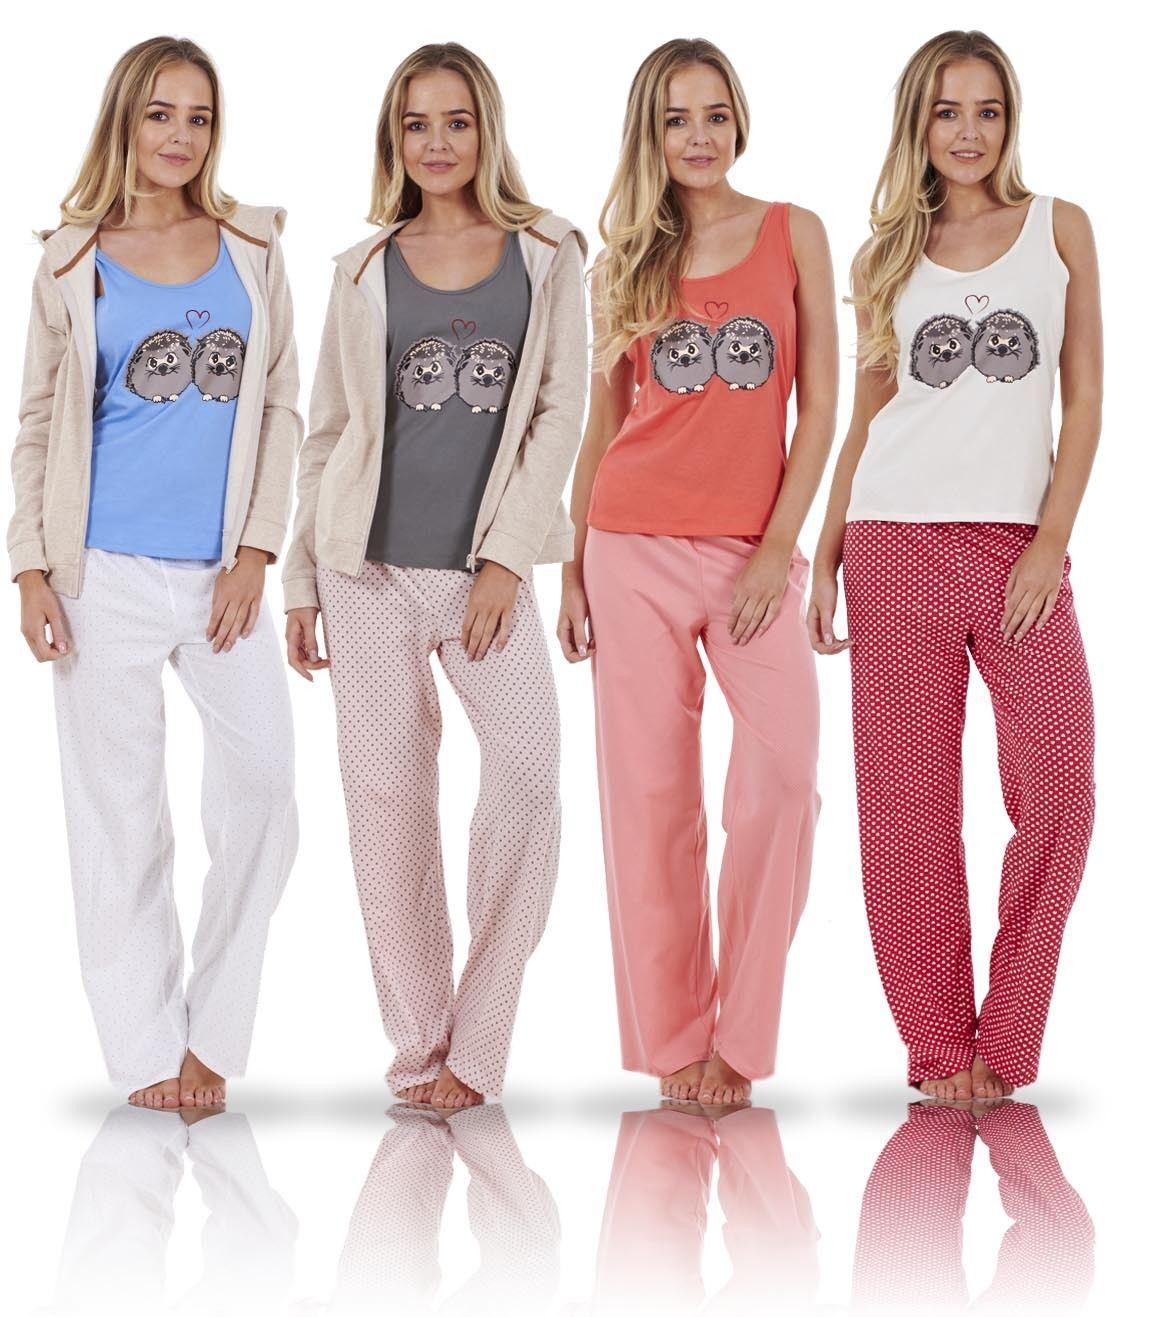 Details about Ladies 3 Piece Pyjama Set Vest Bed Jacket PJ s Hoodie Pajamas  Nightwear 483ea2b39